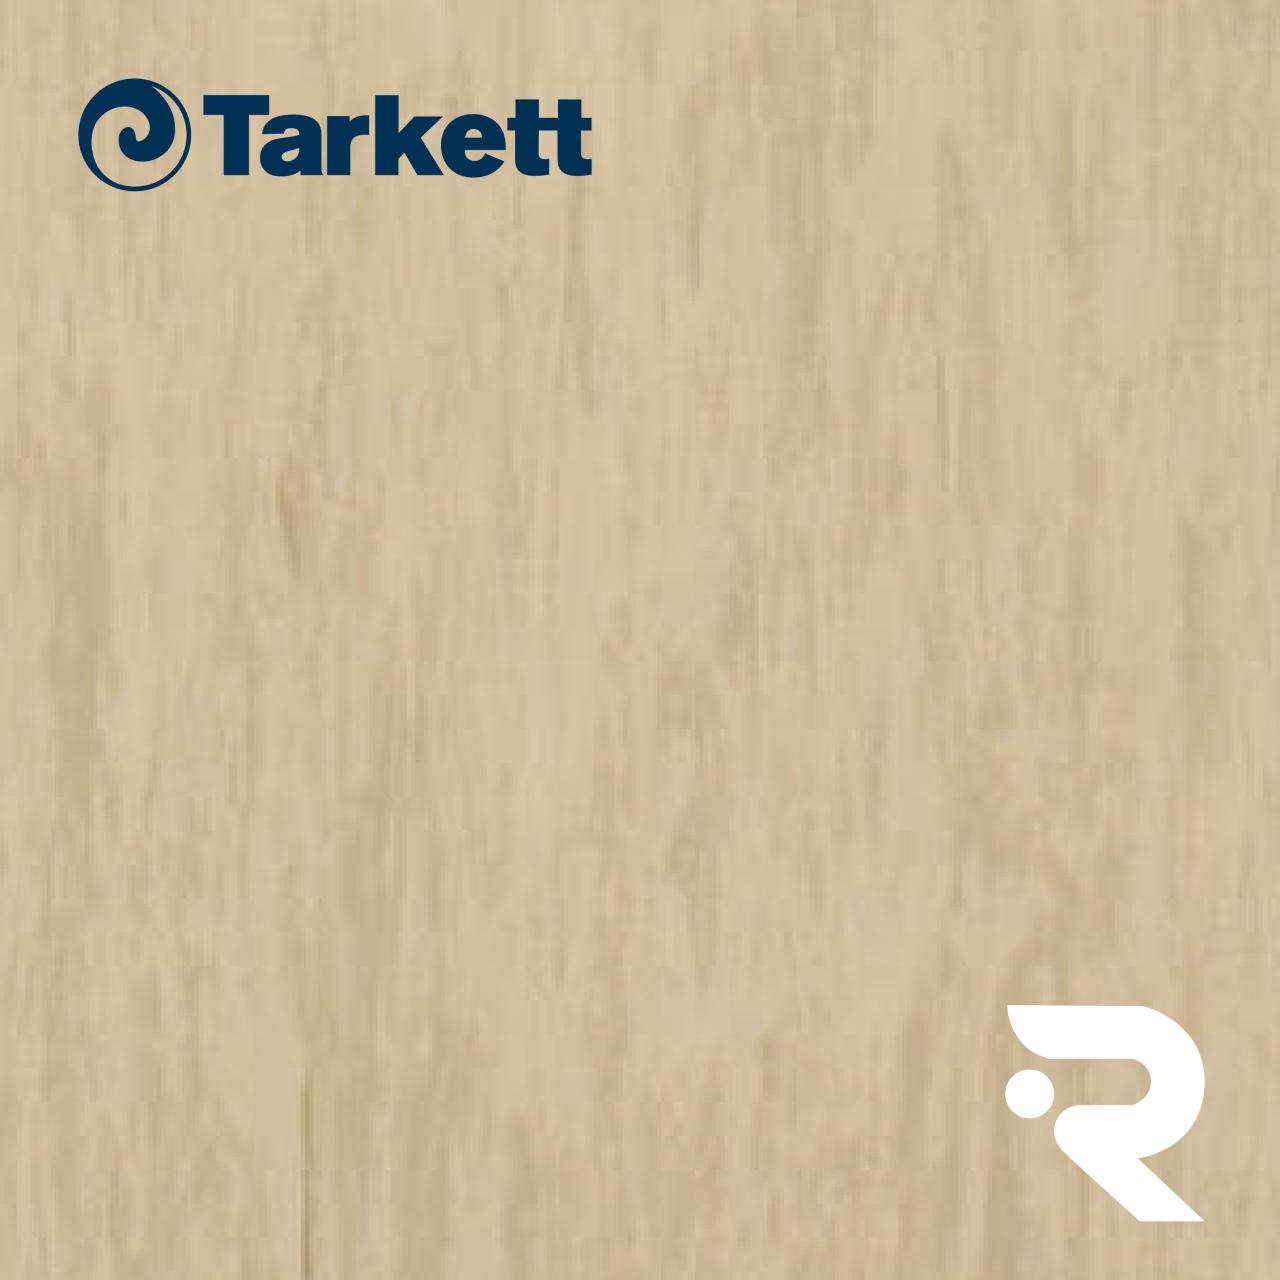 🏫 Гомогенний лінолеум Tarkett | Standard LIGHT YELLOW BEIGE 0483 | Standard Plus 2.0 mm | 2 х 23 м